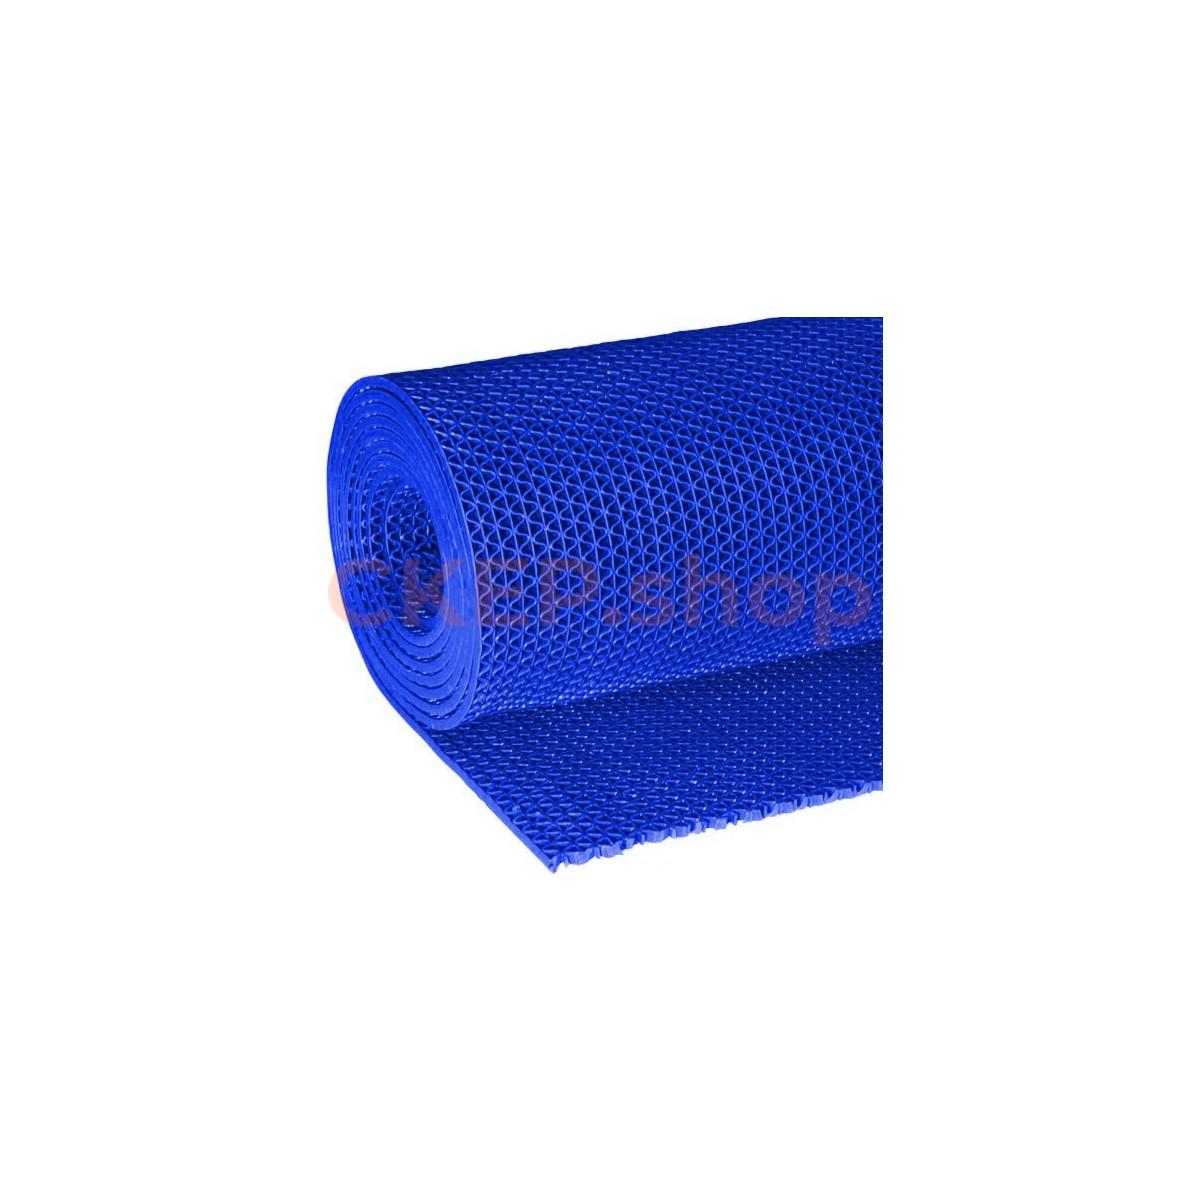 Покрытие ЗигЗаг, 4,5 мм, 0,9 м, синее